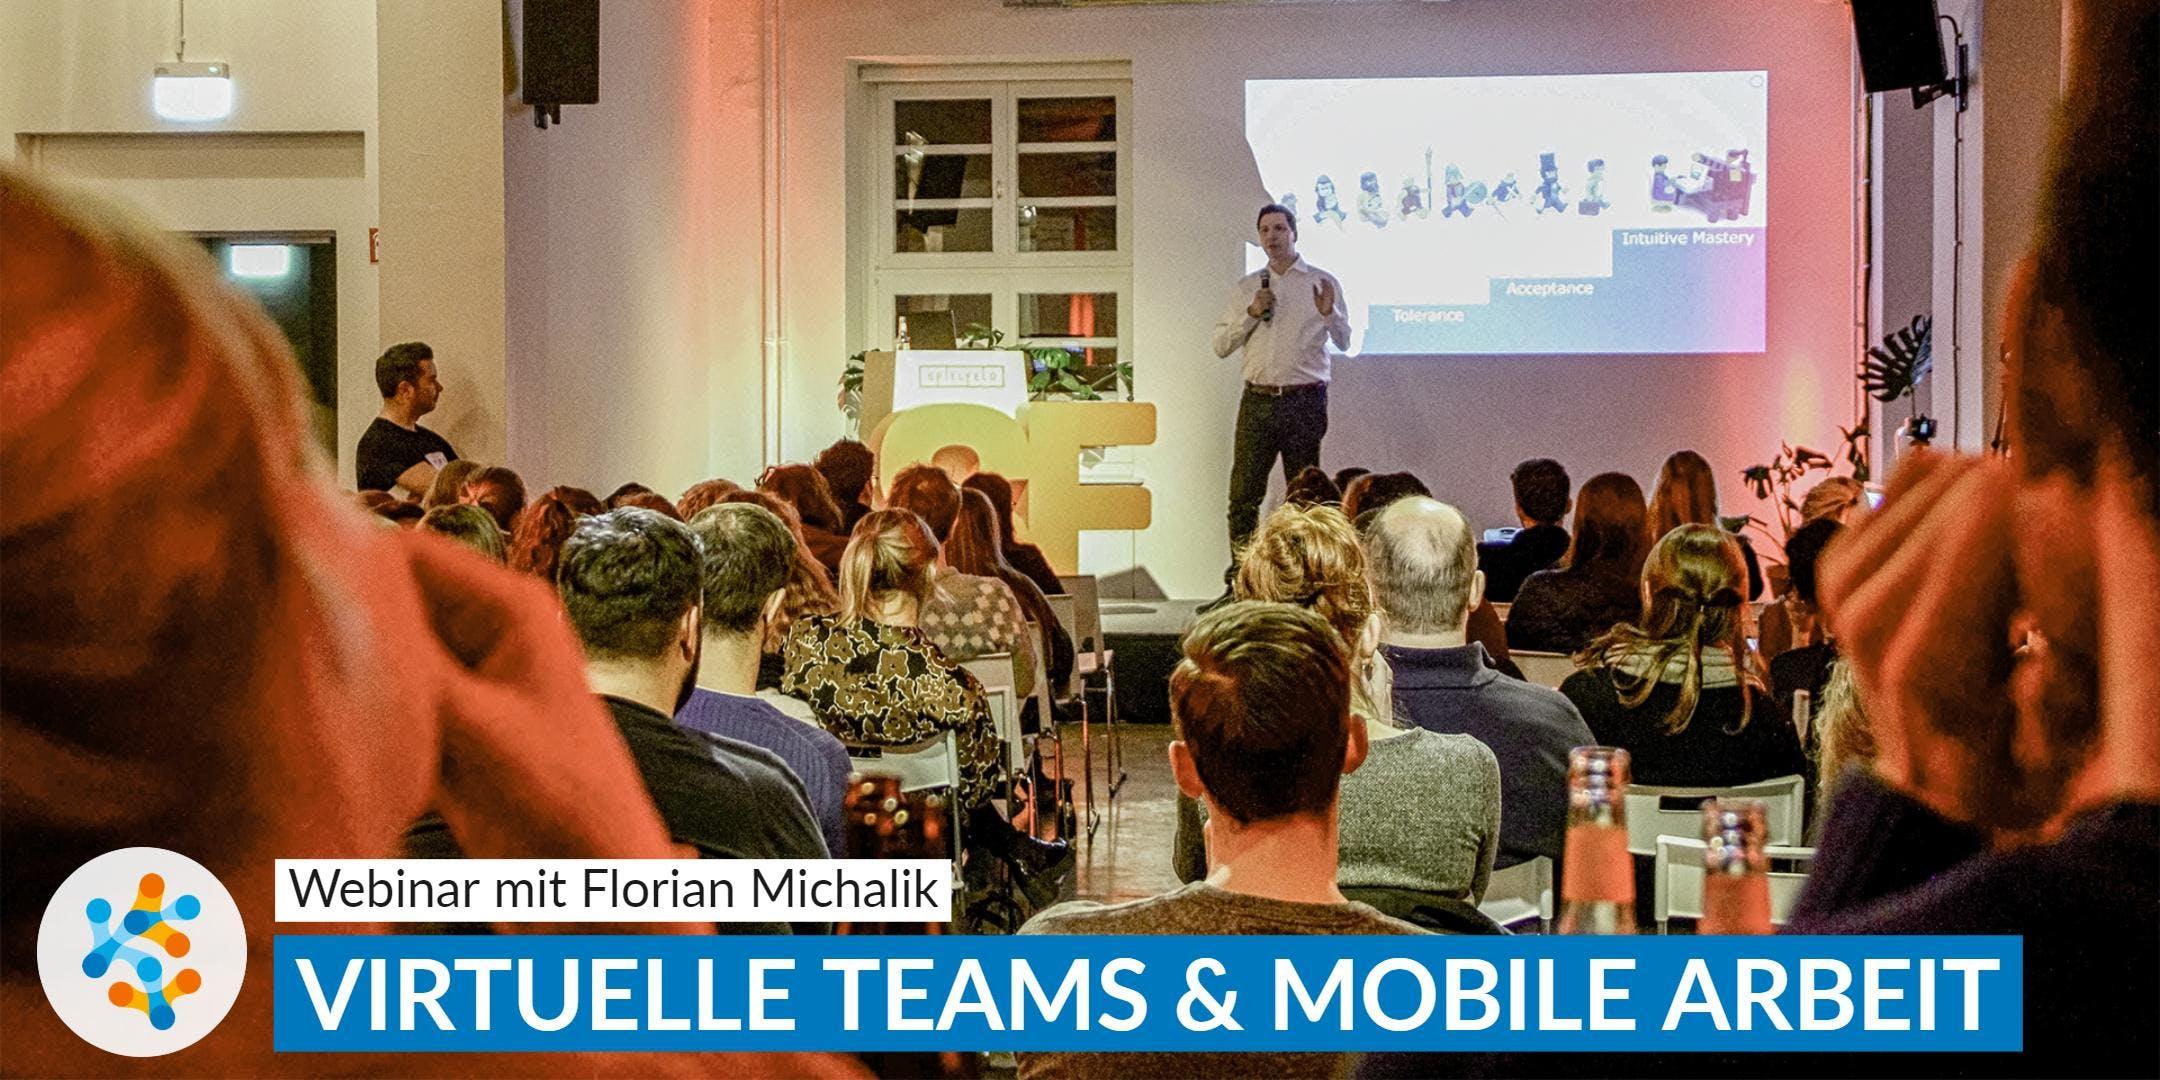 Virtuelle Teams: Führung und Zusammenarbeit auf Distanz ✸ Webinar